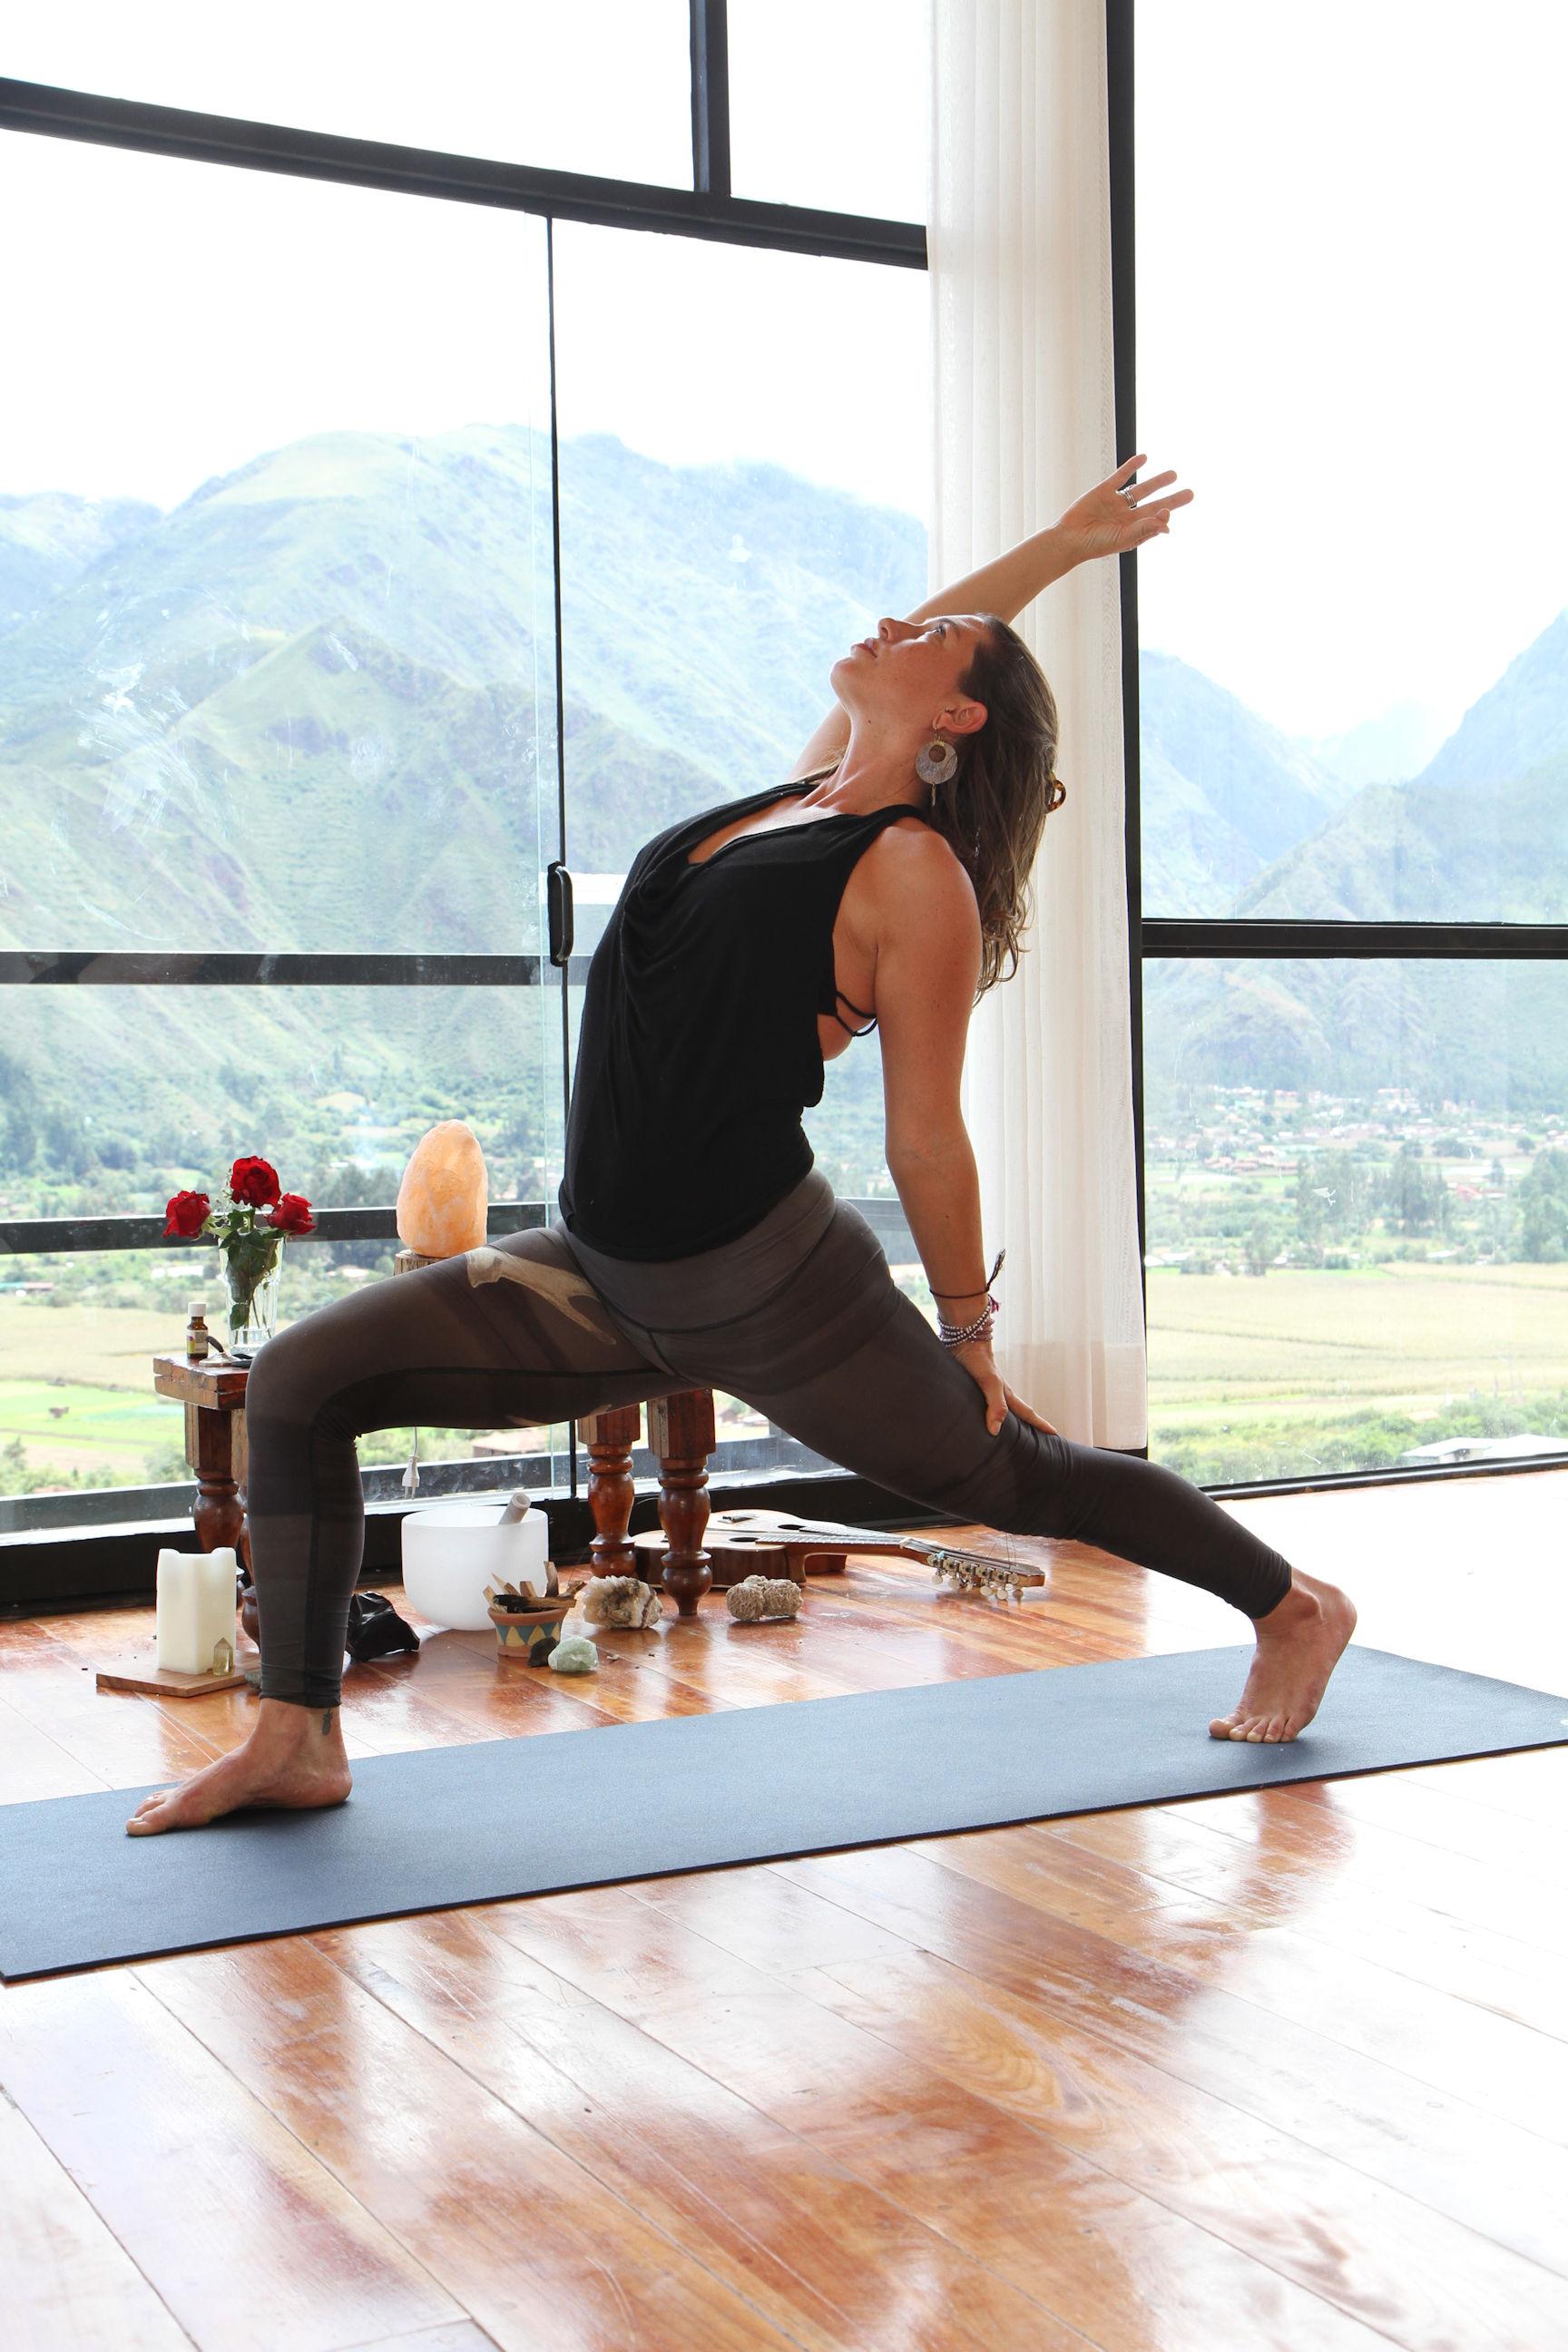 kylie-roswell-yoga-facilitator-2.jpg